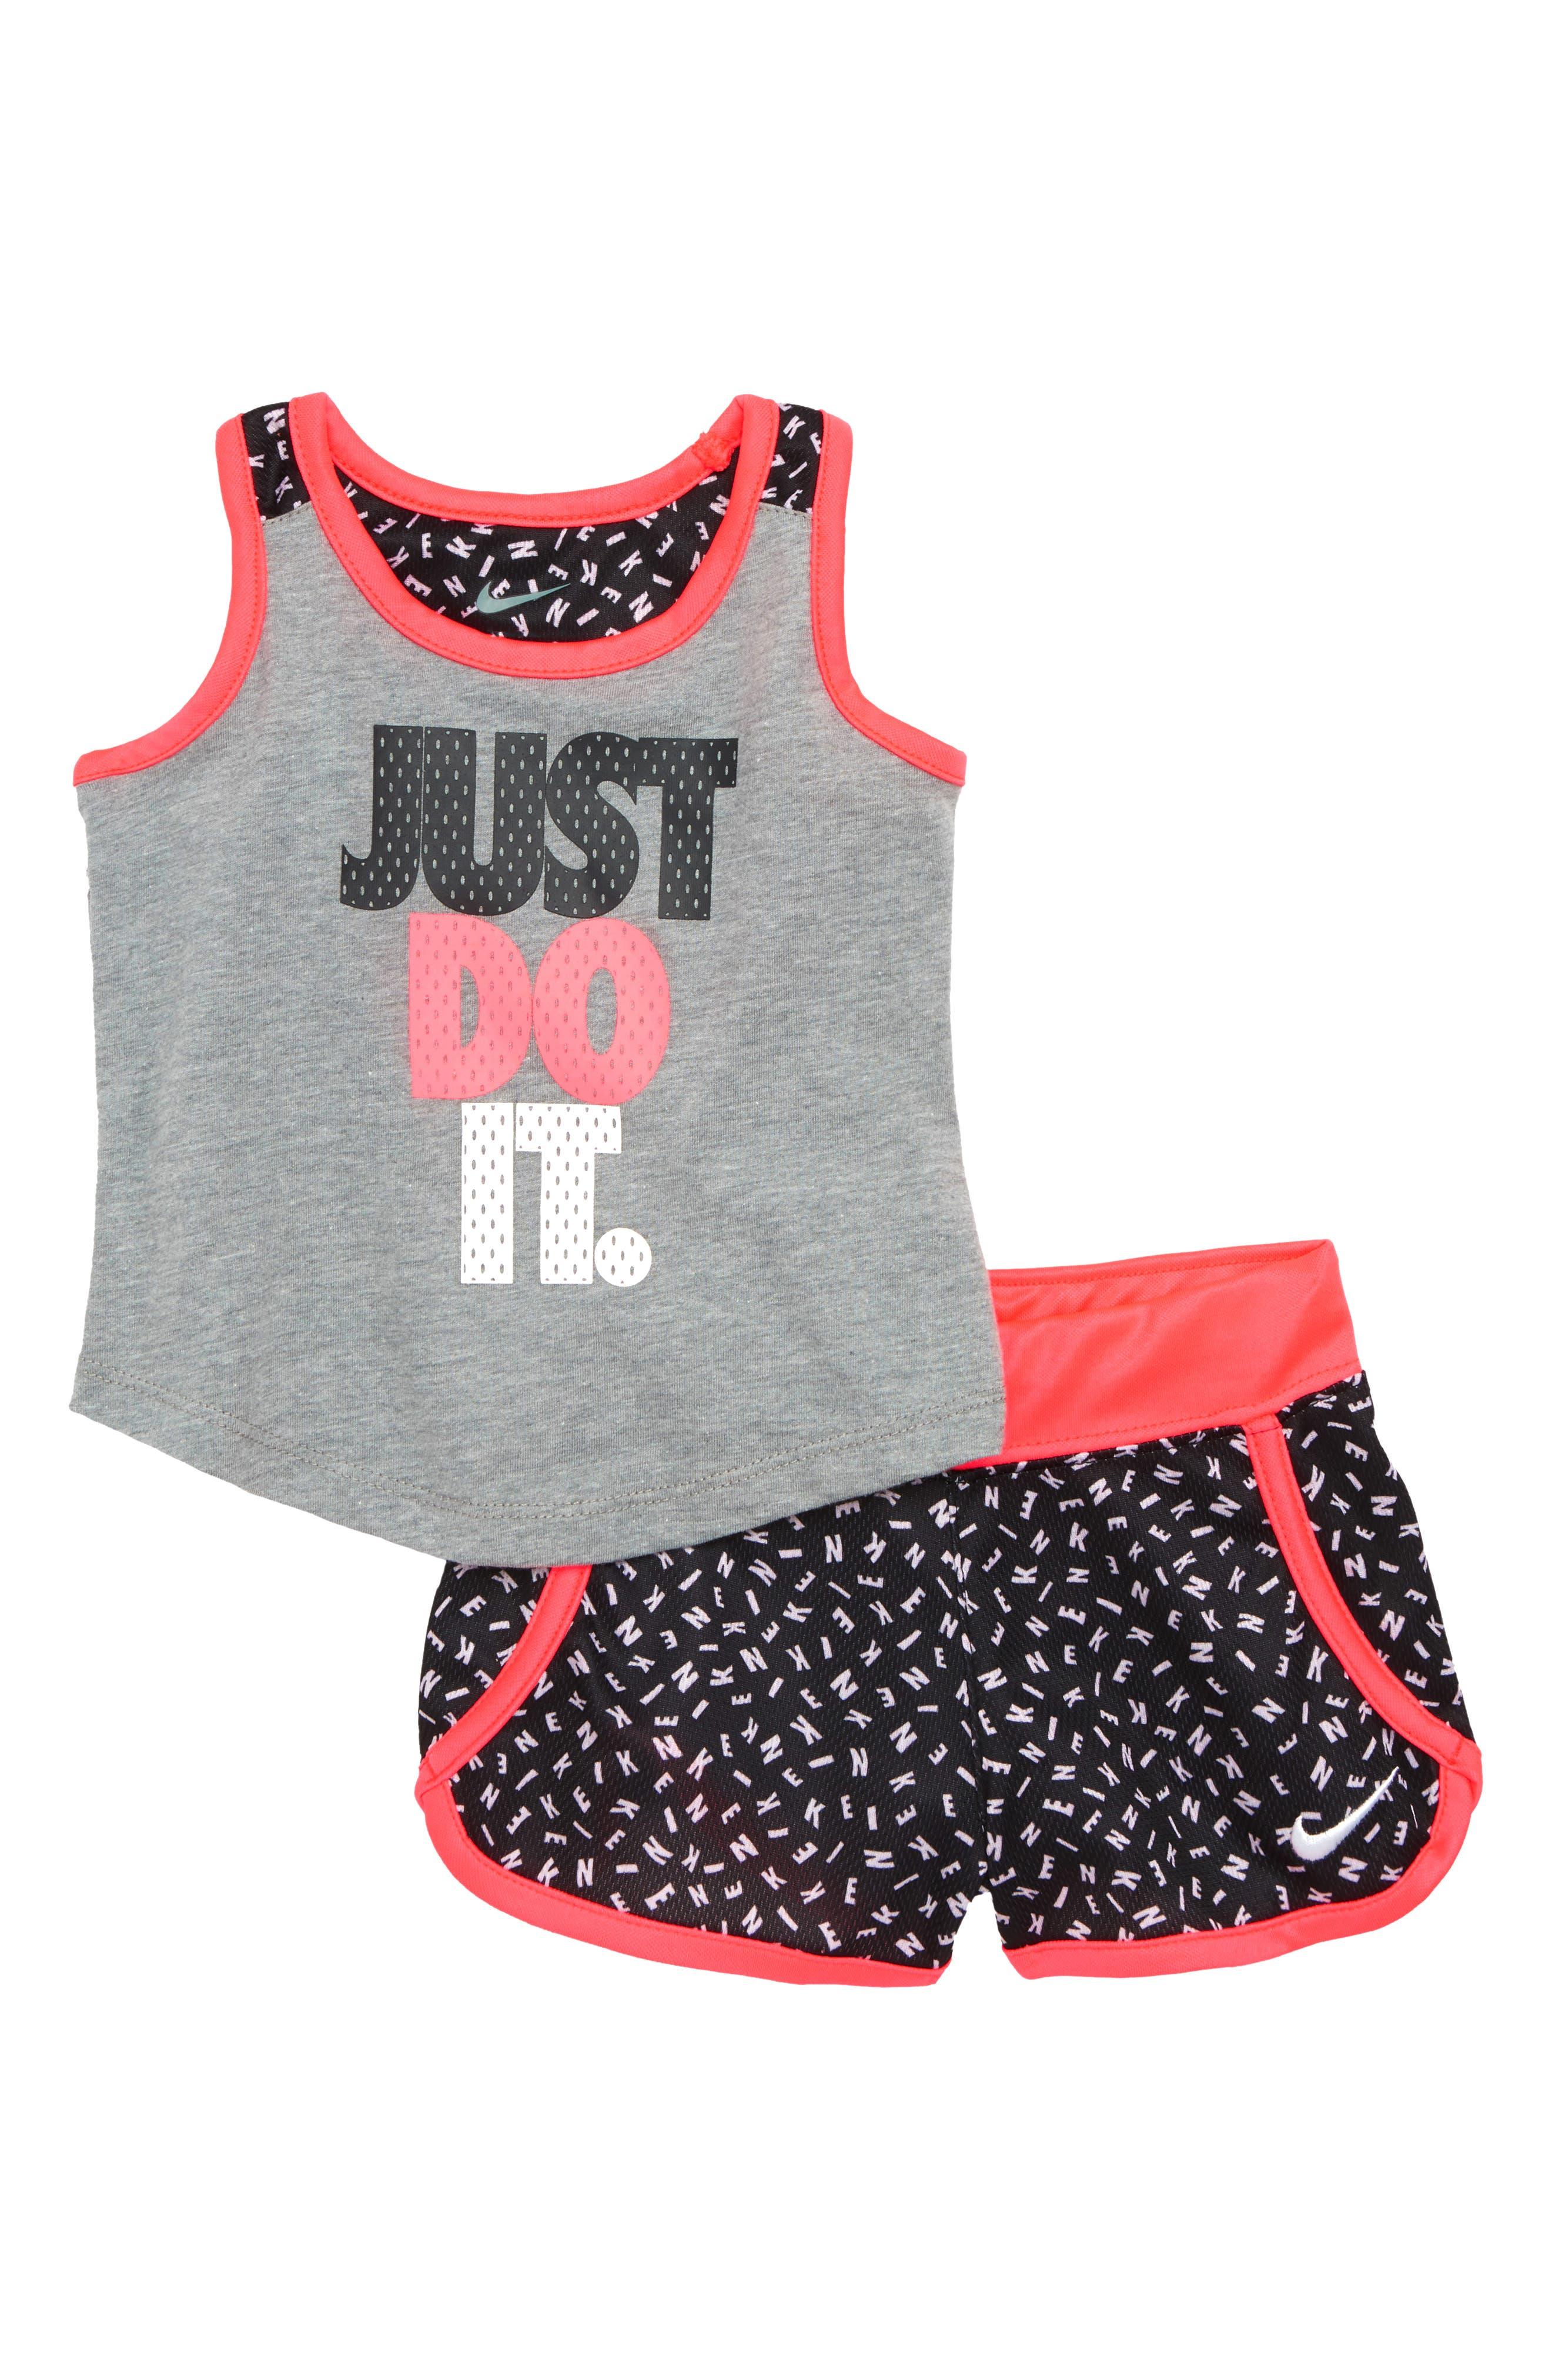 Nike Just Dot It Tank & Shorts Set (Baby Girls)